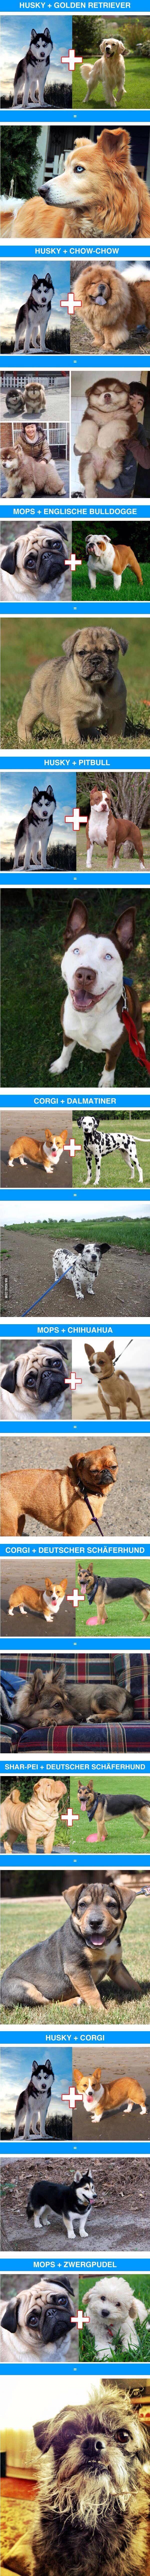 Dog's Mix Breed explained